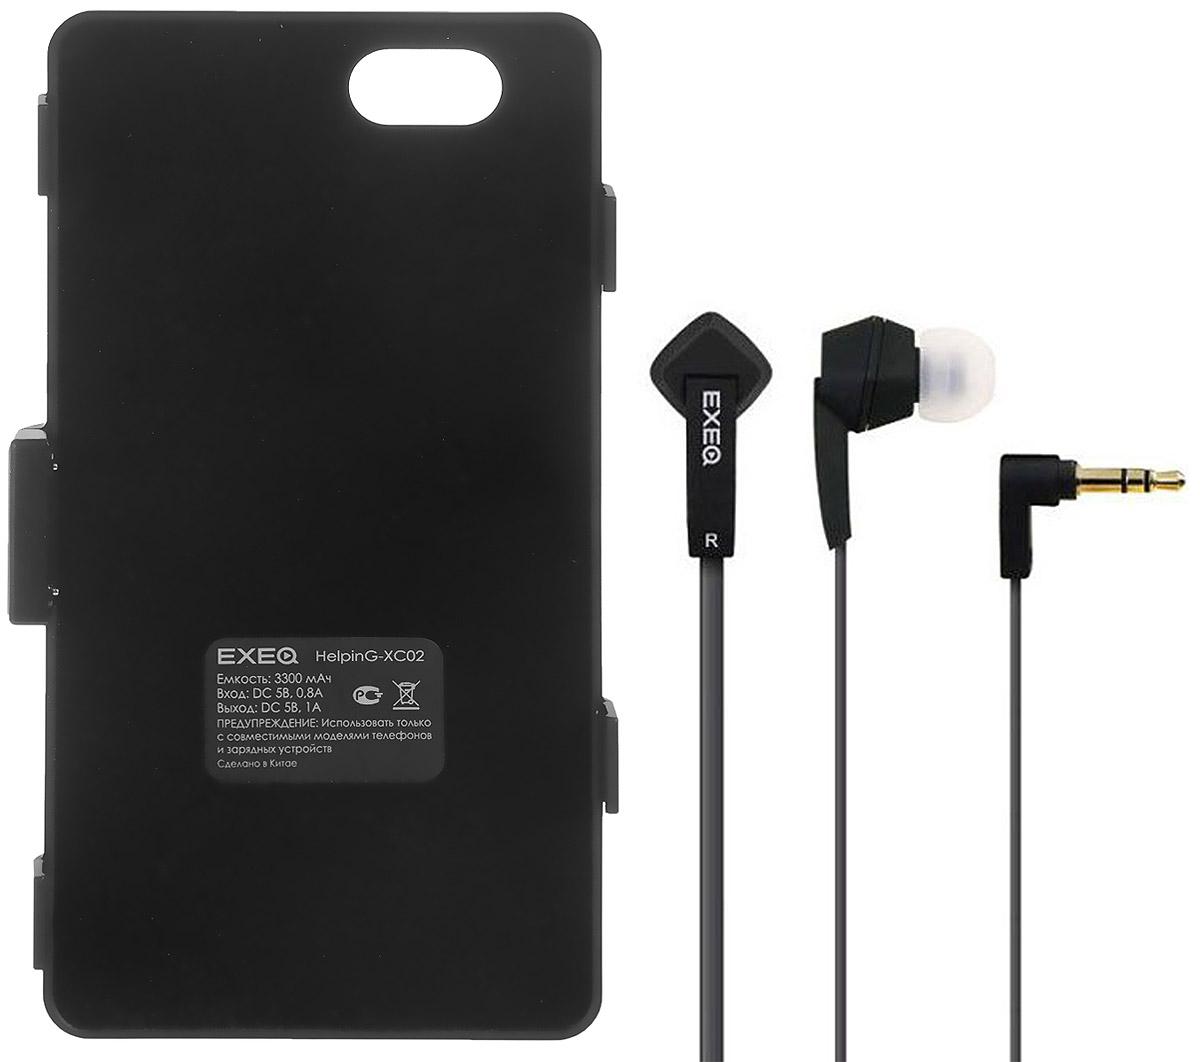 EXEQ HelpinG-XC02 чехол-аккумулятор для Sony Xperia Z1 Compact, Black (3300 мАч, клип-кейс)HelpinG-HX02 BLExeq HelpinG-XC02 - удобный чехол-аккумулятор для компактного смартфона Sony Xperia Z1 Compact. Специальная конструкция чехла позволит надежно защитить заднюю крышку смартфона, удобное боковое крепление позволит быстро поместить смартфон в чехол, а встроенный аккумулятор емкостью в 3300 мАч обеспечит своевременную подзарядку батареи телефона. Благодаря компактным размерам и небольшому весу чехол-аккумулятор совсем незначительно увеличивает габариты и вес смартфона.Зарядка аккумулятора чехла происходит от зарядного устройства смартфона и при этом смартфон не обязательно извлекать из чехла. Достаточно просто подключить зарядное к чехлу и нажать на кнопку питания на задней поверхности чехла - и начнется зарядка телефона. Если кнопку питания не нажимать, то начнется зарядка чехла-аккумулятора. Приятным дополнением HelpinG-XC02 также является наличие встроенной подставки, которая сможет поддерживать ваш смартфон в горизонтальном положении, например, для общения по Skype, просмотра фильмов или чтения электронных книг.В комплект также входят высококачественные наушники Exeq HPC-002 с плоским кабелем с защитой от спутывания. Для блокировки нежелательных шумов в комплекте с наушниками поставляются мягкие силиконовые амбушюры 3-х размеров, которые удобно помещаются в ушах и не оказывают давления на ушную раковину. Прочный L-образный штекер с позолоченным коннектором 3,5 мм позволит комфортно подключить Exeq HPC-002 ко многим портативным устройствам.Технические характеристики Exeq HPC-002:Частотный диапазон: 19-20000 ГцДинамики: 10 ммЧувствительность: 105 дБИмпеданс: 16 Ом